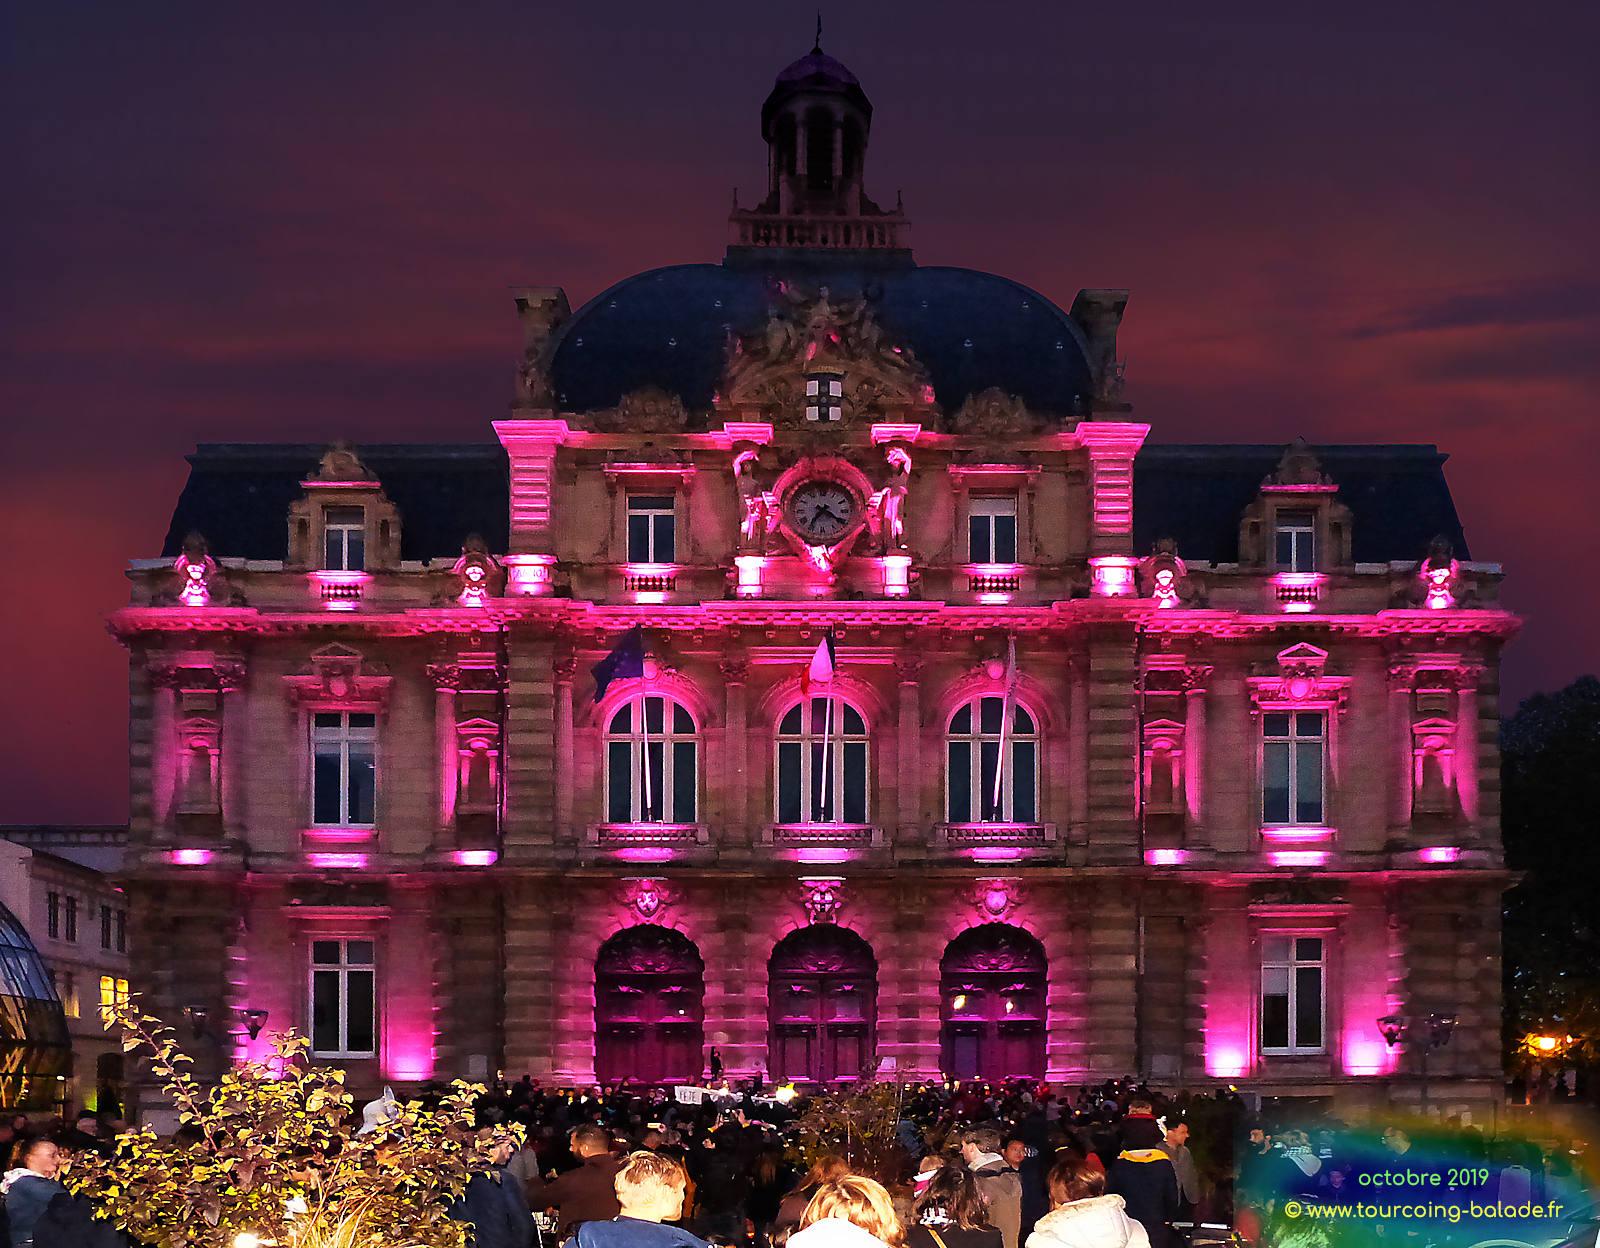 Hôtel de Ville Tourcoing - Nuit Allumoirs 2019